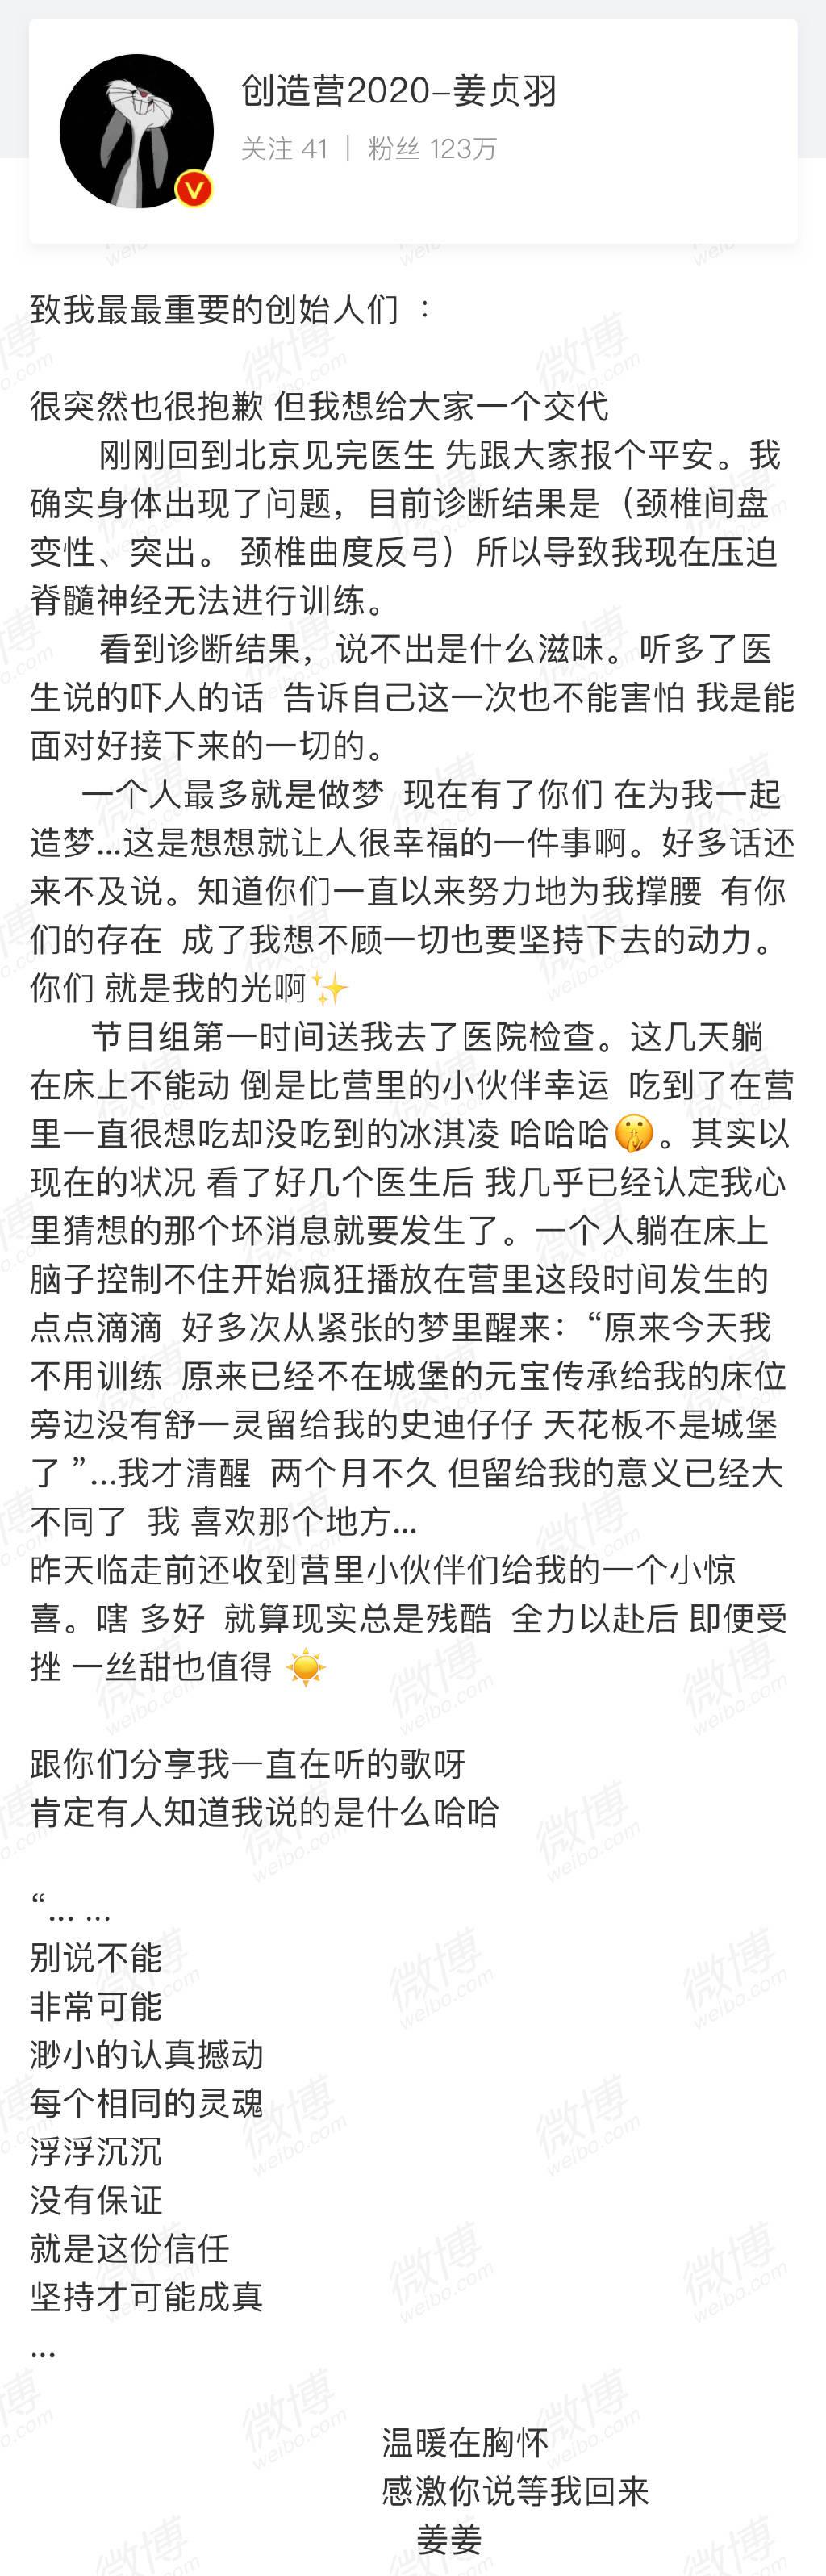 姜贞羽回应暂停录制《创3》:颈椎问题压迫脊髓神经